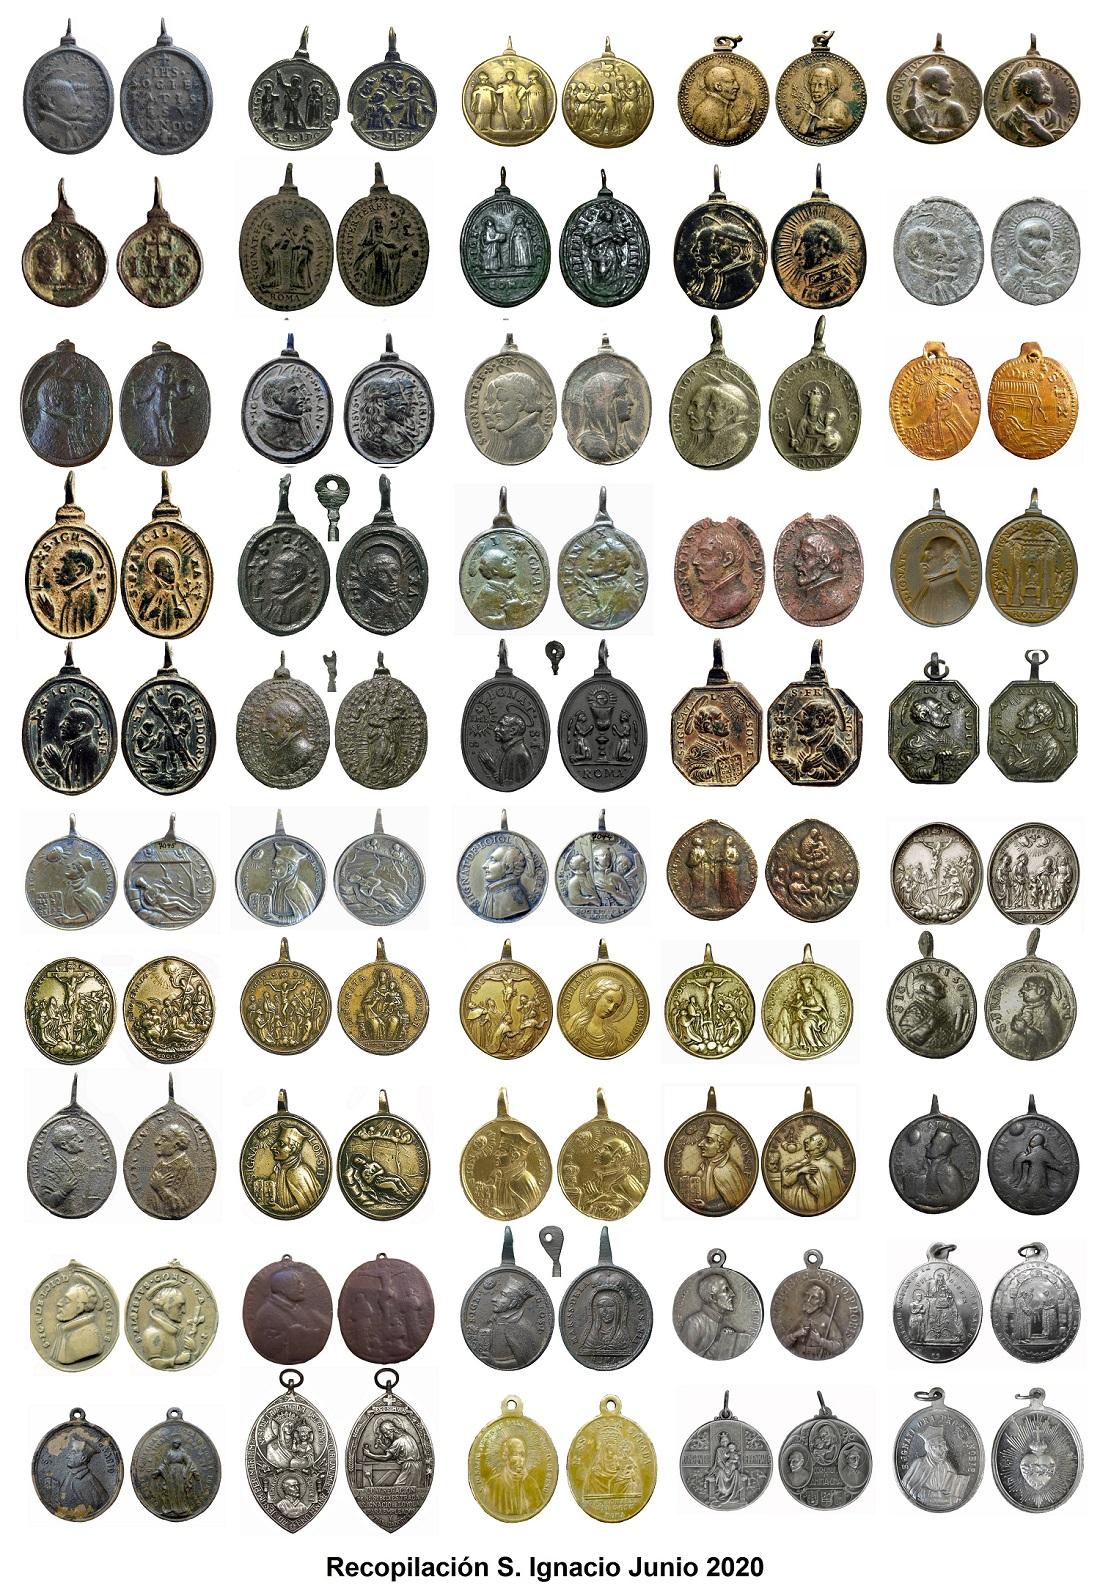 Recopilacion 250 medallas de San Ignacio de Loyola Recopi10